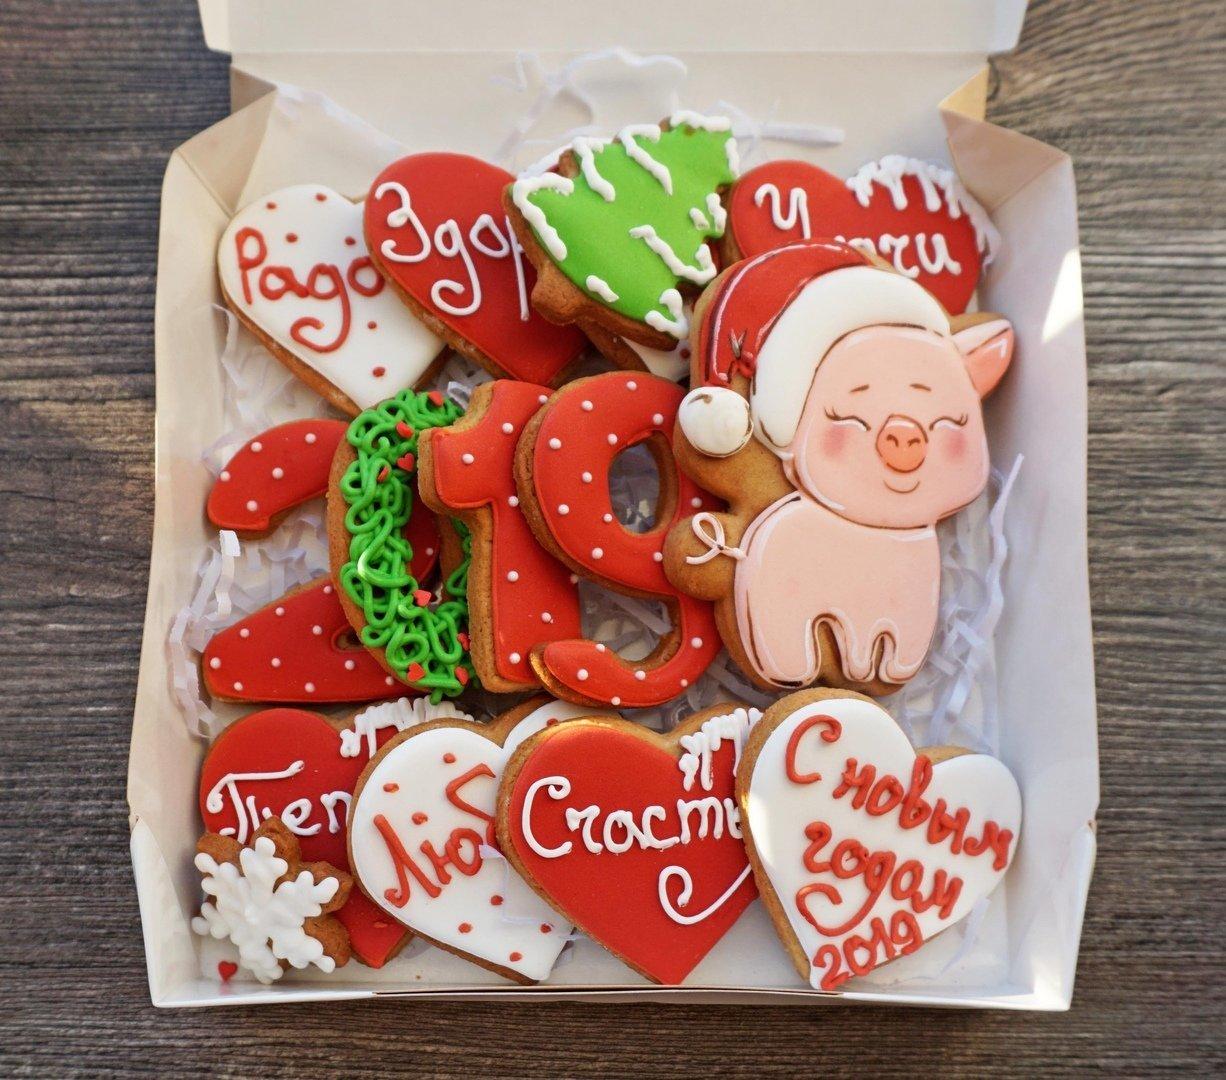 Наборы новогоднего настроения от «Тортышки» - вкусно и празднично, фото-1